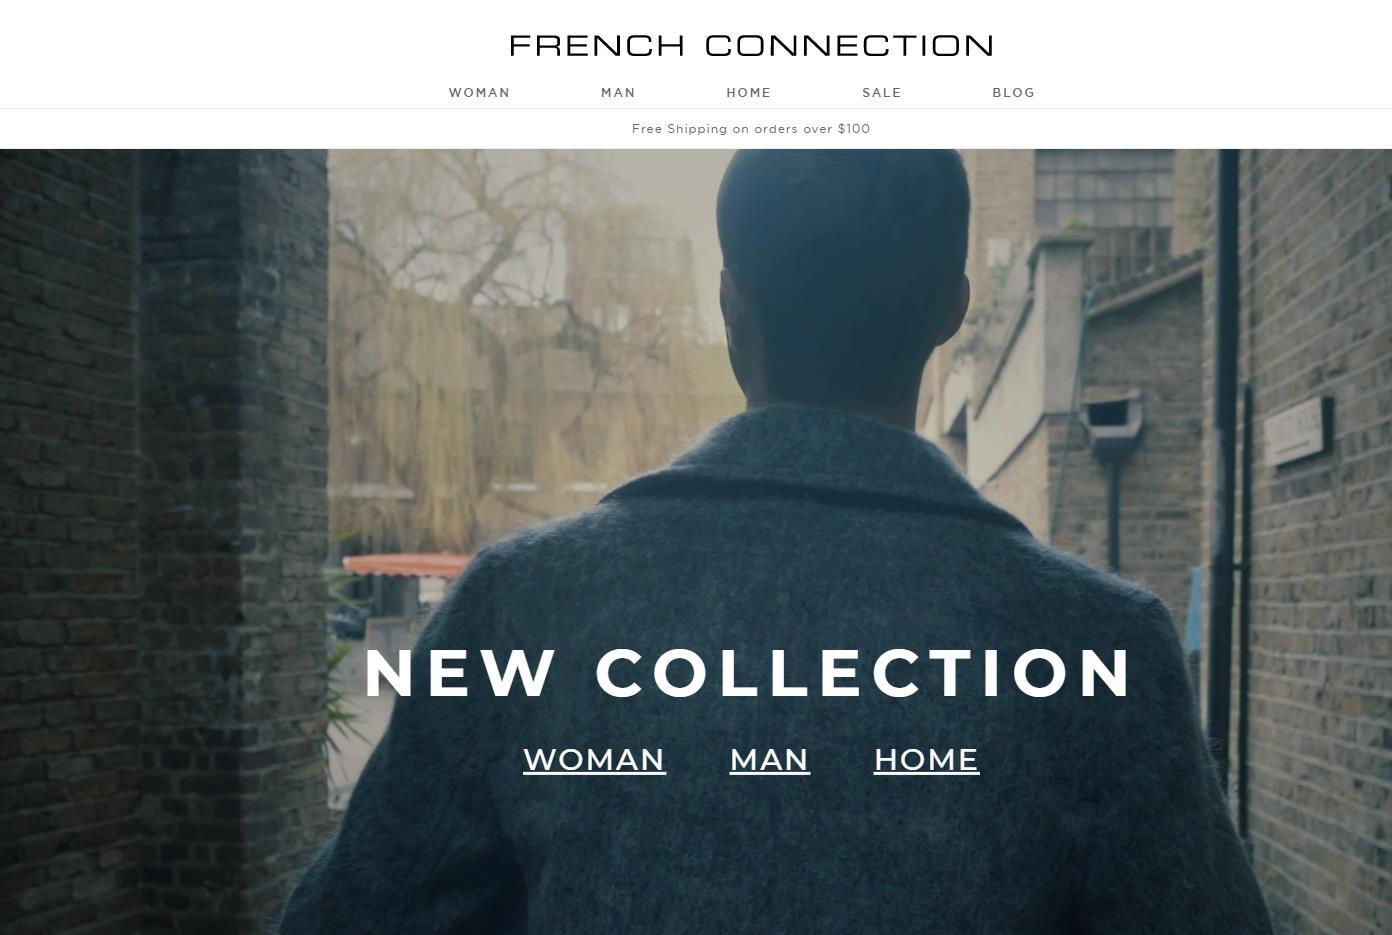 法国时尚集团 French Connection 证实:未来有出售可能